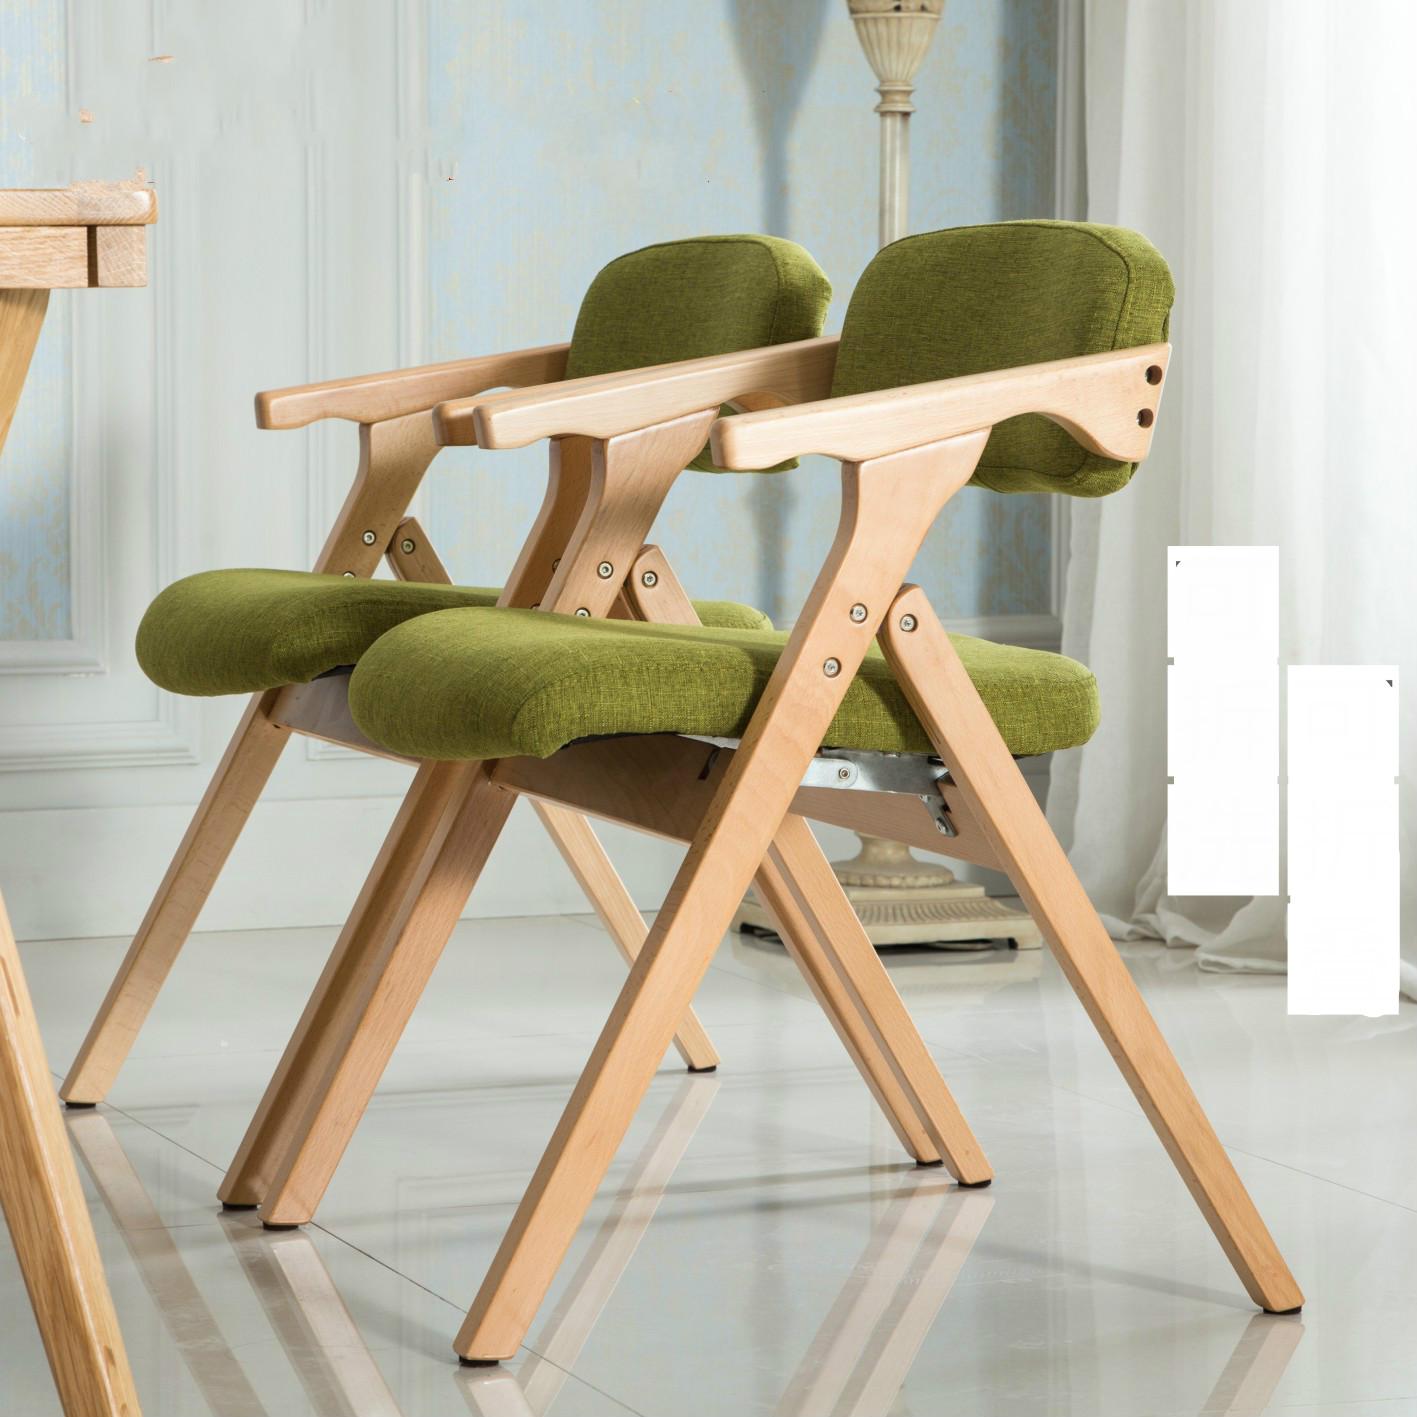 Nordic Stuhl Massivholz Modernen Minimalistischen Klappstuhl Freizeit Tuch  Abendessen Stuhl Computer Stuhl Esszimmer Möbel(China